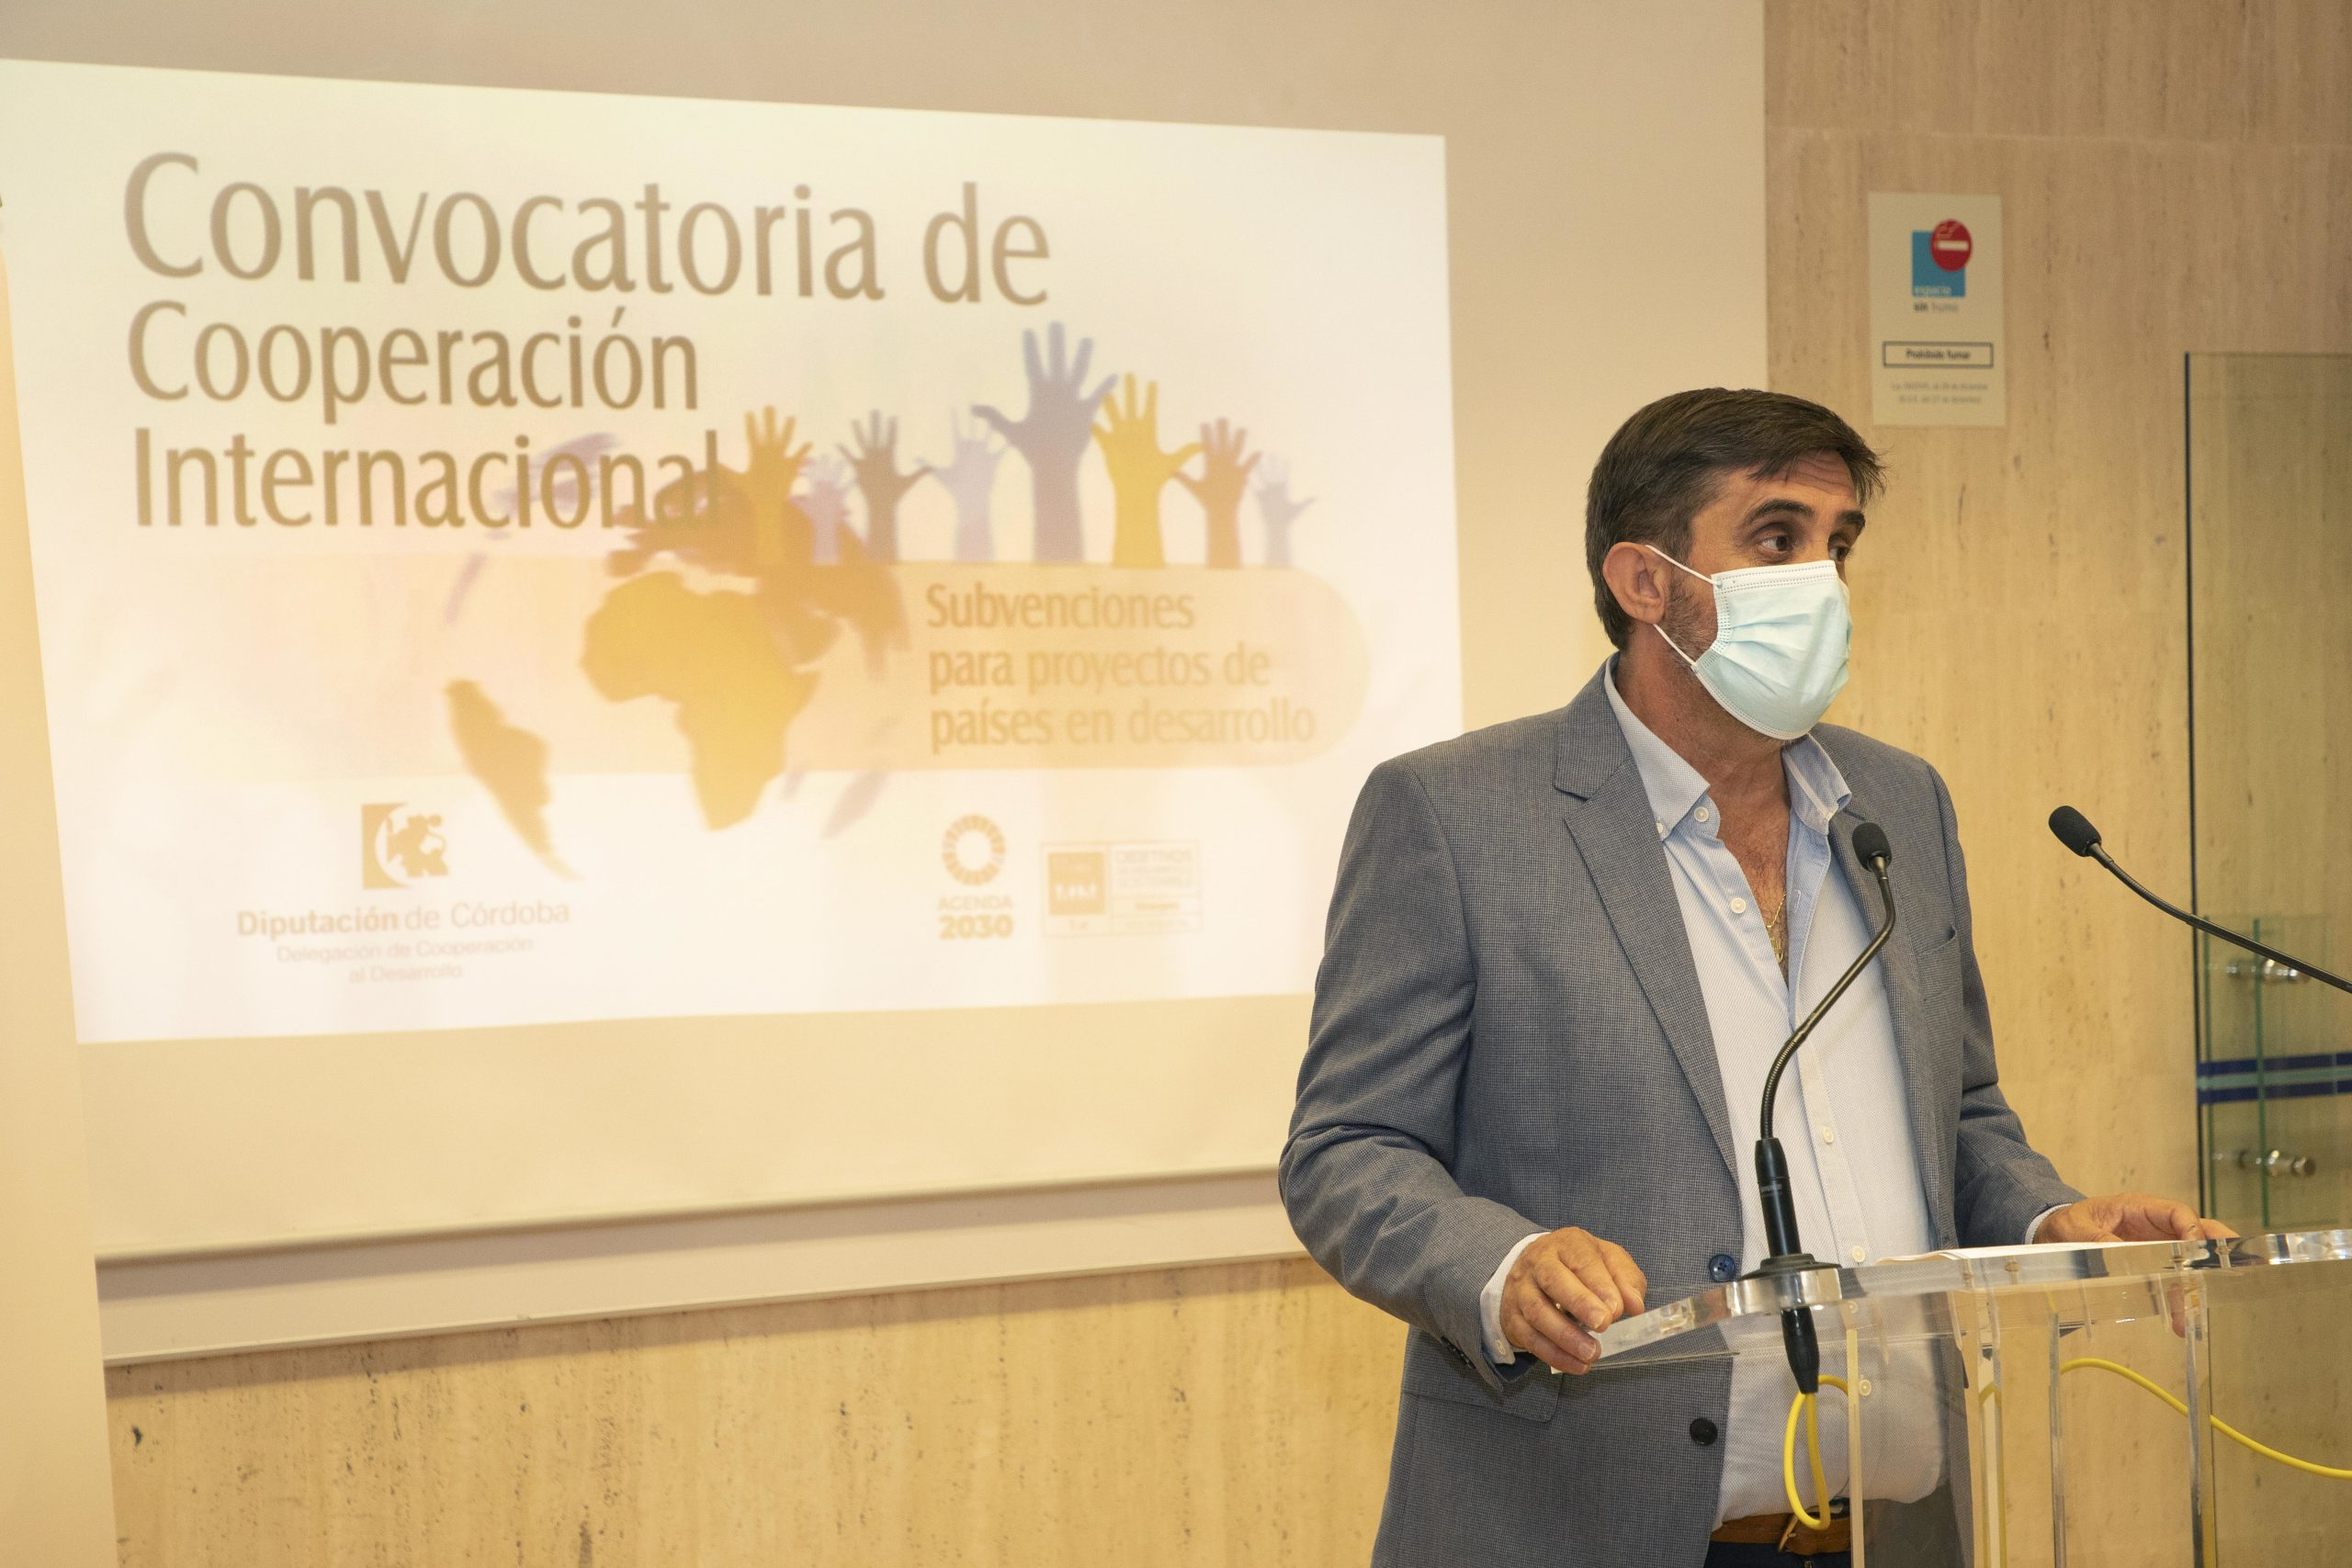 La Delegación de Cooperación al Desarrollo de la Diputación llegará a 25 países a través de 53 proyectos de oenegés y ayuntamientos